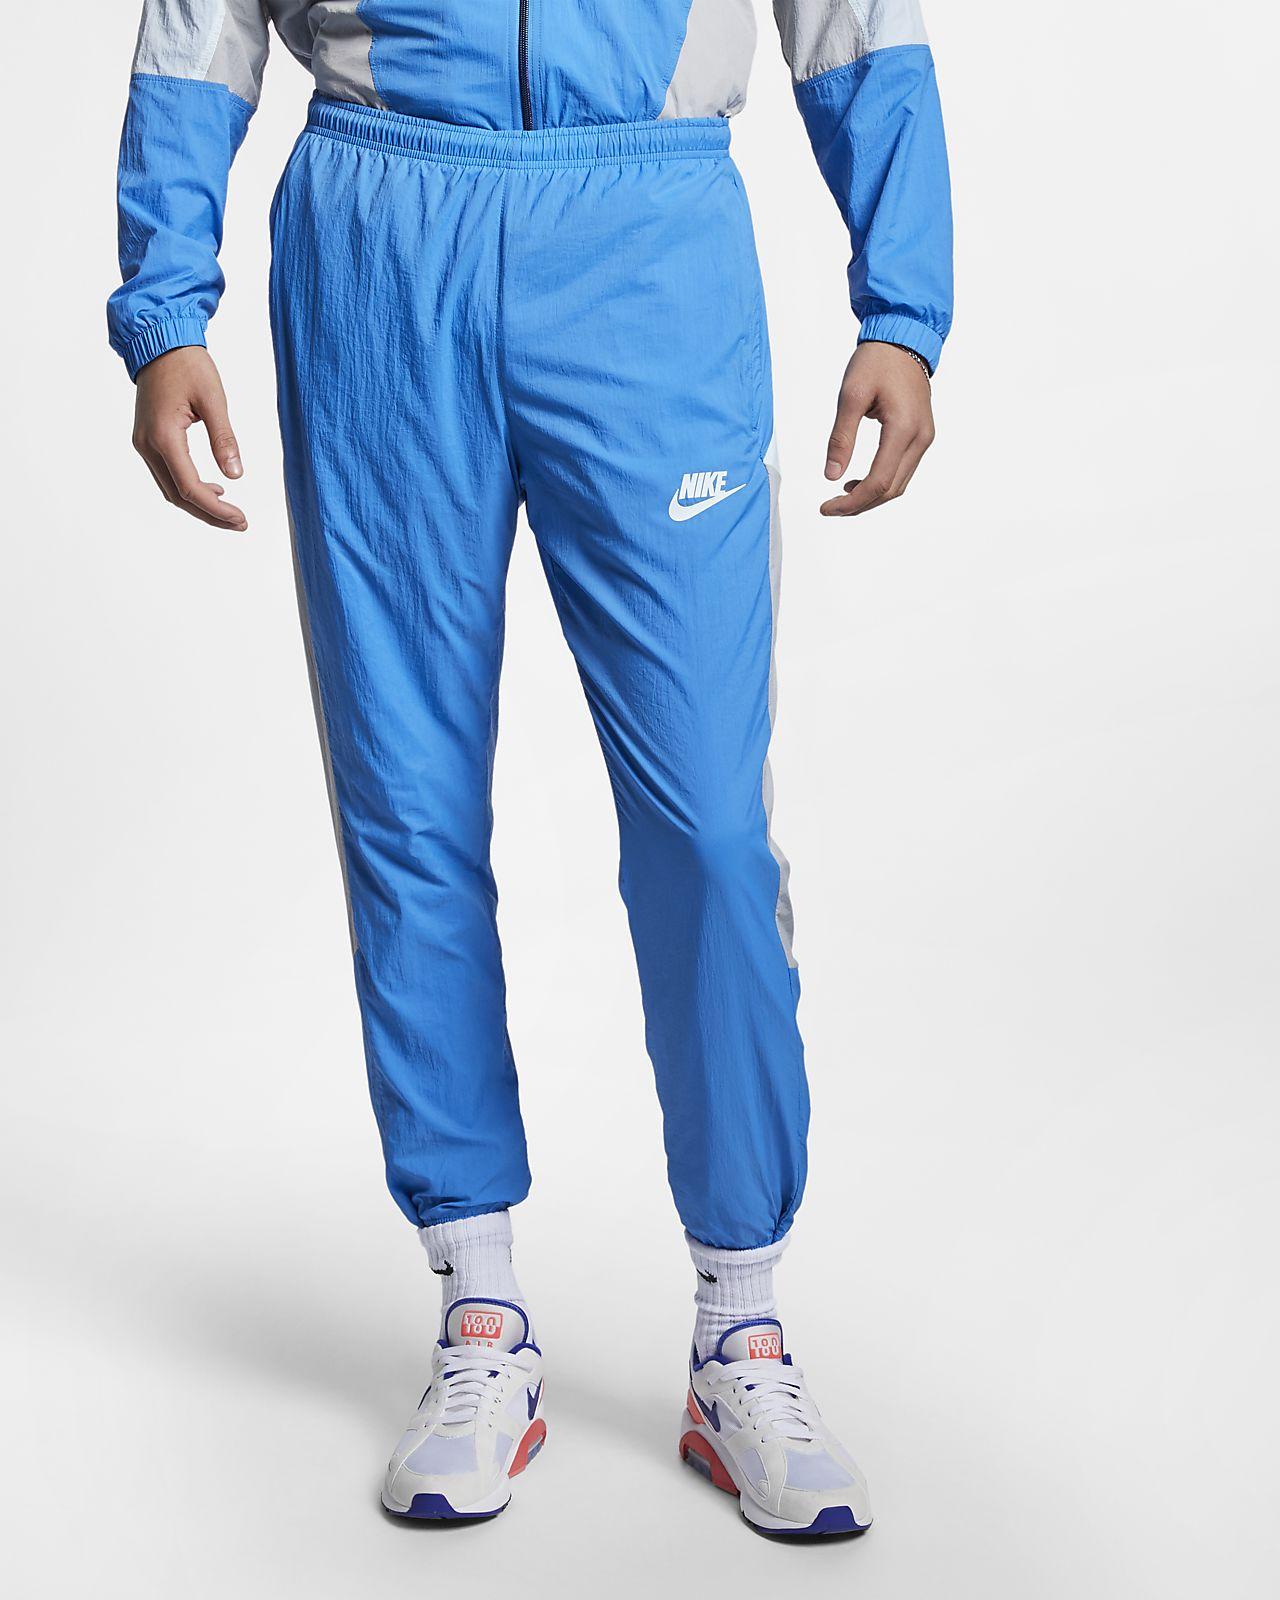 Nike Sportswear-vævede bukser til mænd